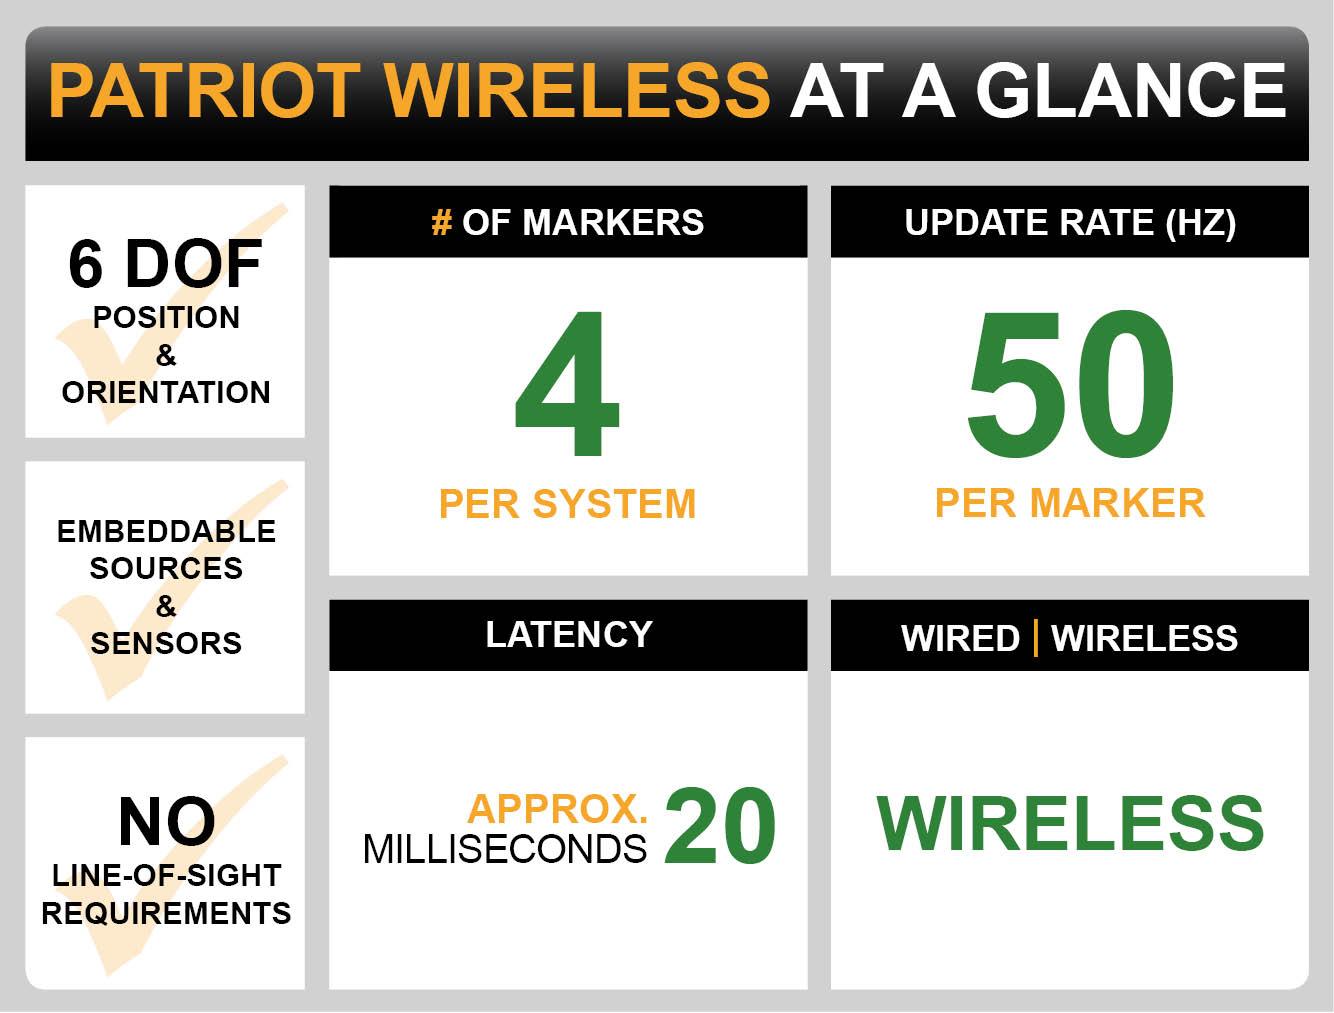 Patriot Wireless Dashboard